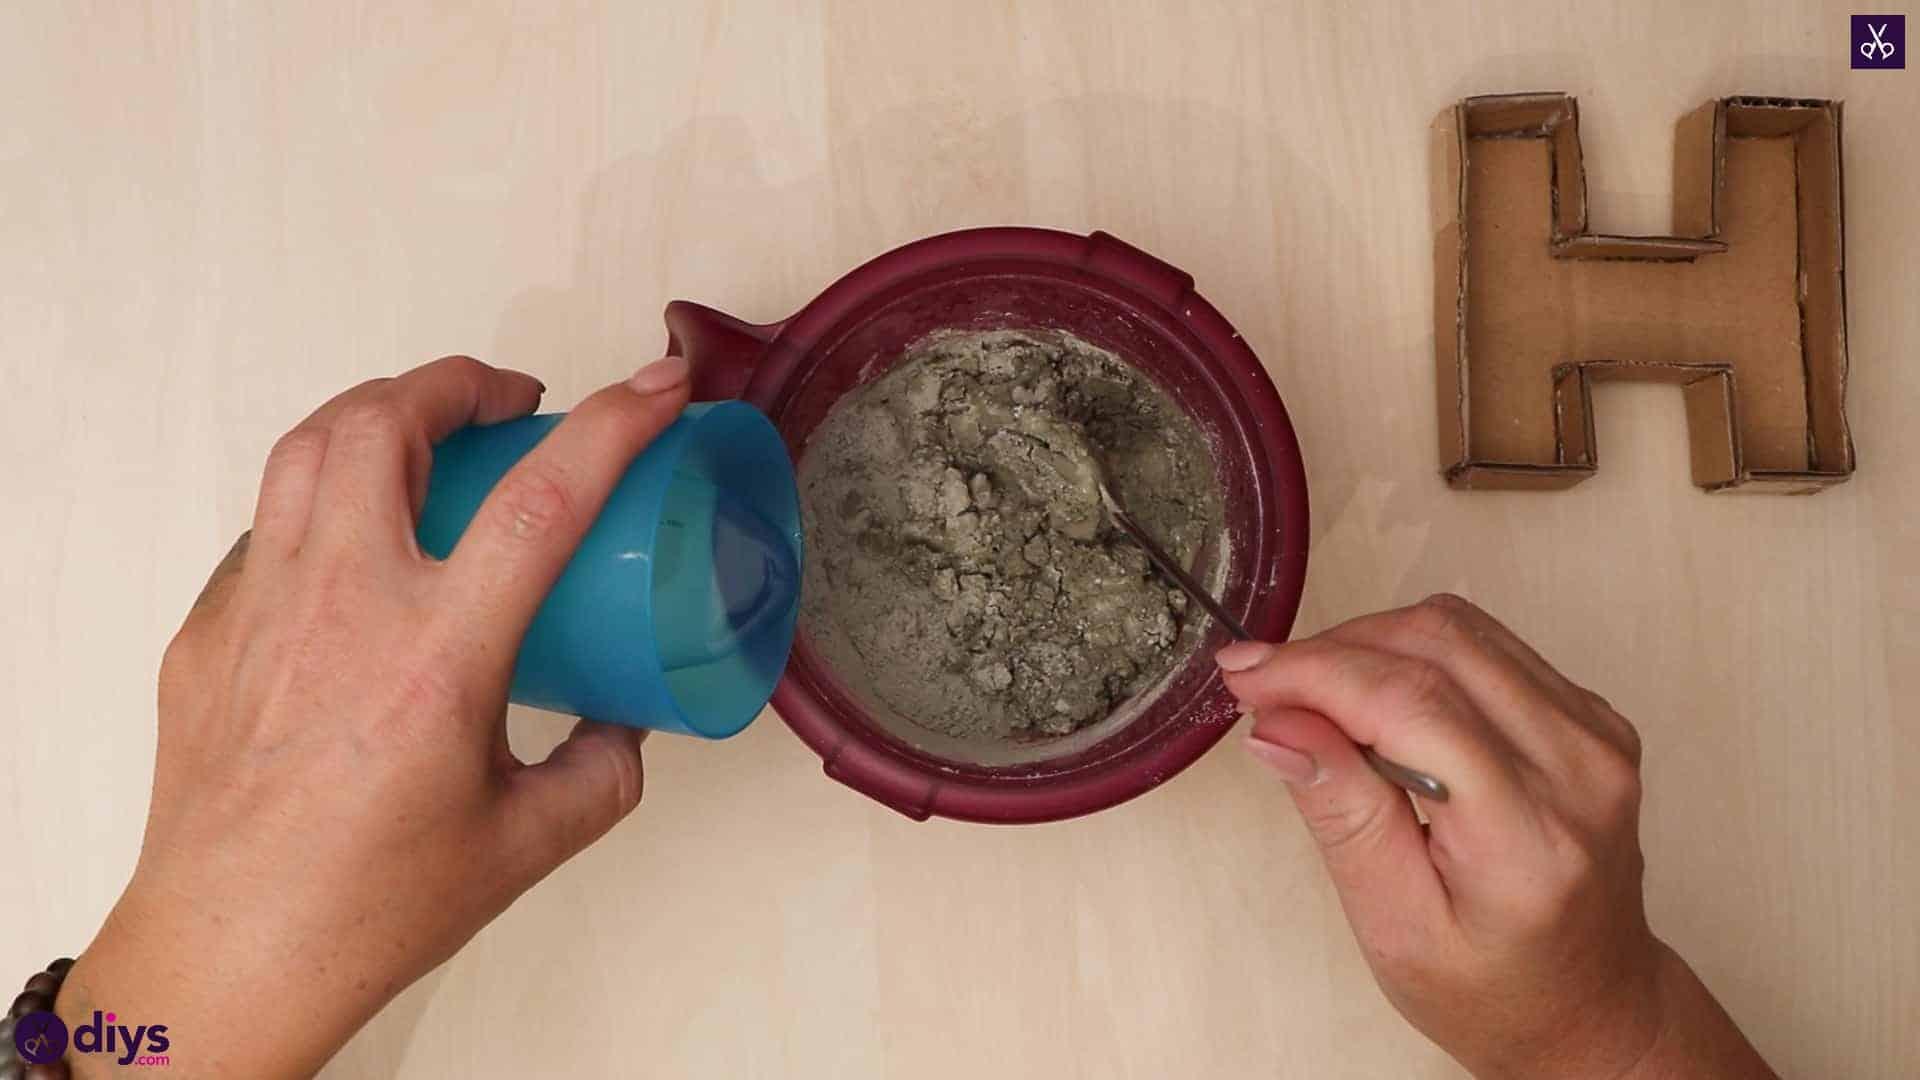 Diy concrete letters pour water